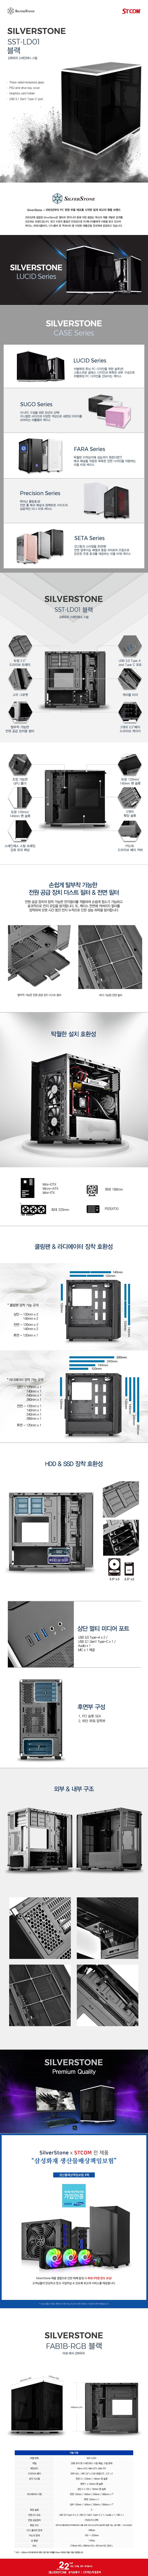 SilverStone SST-LD01 STCOM